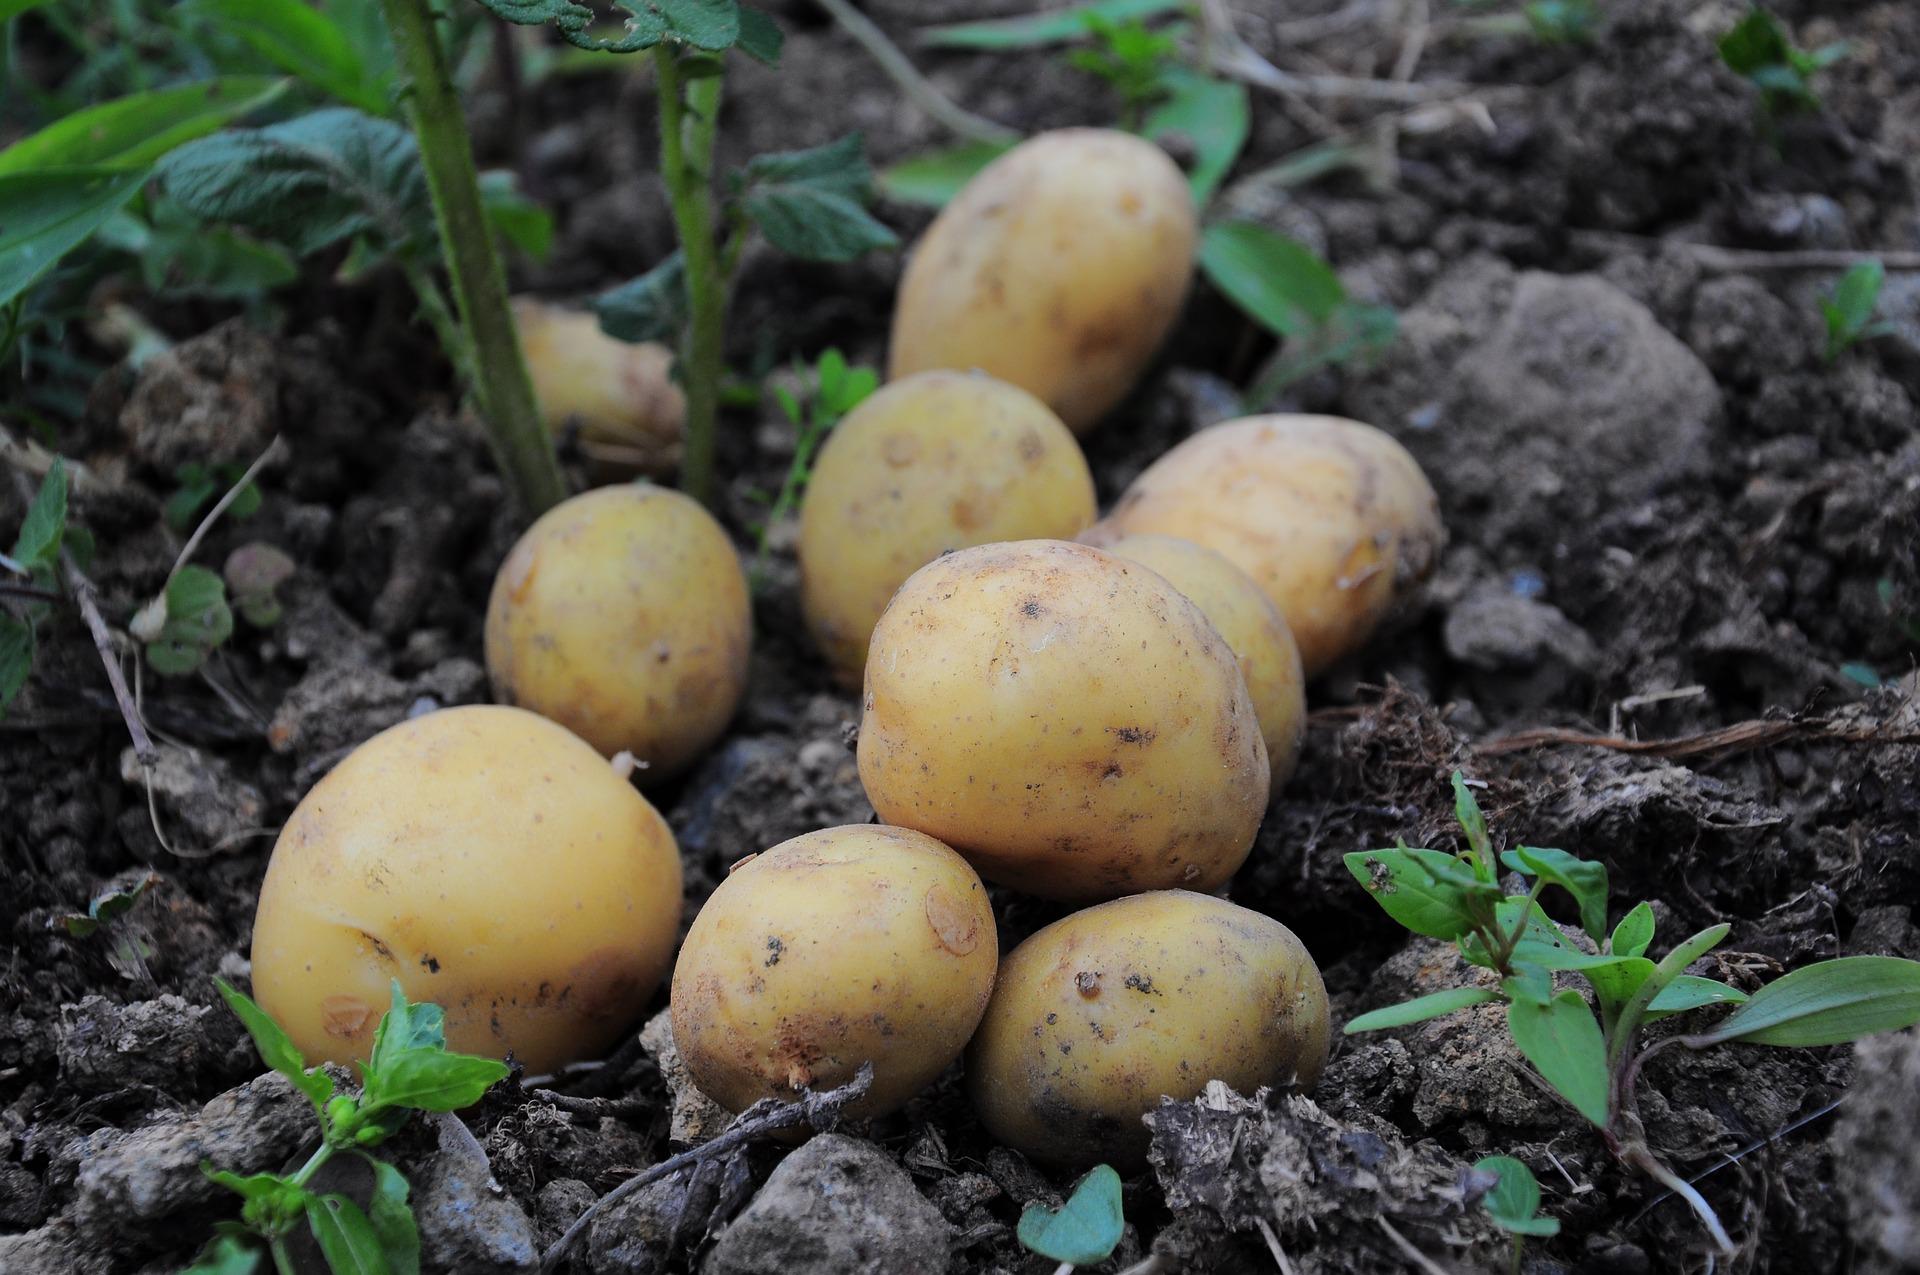 Держпродспоживслужба збільшить кількість лабораторій для дослідження картоплі